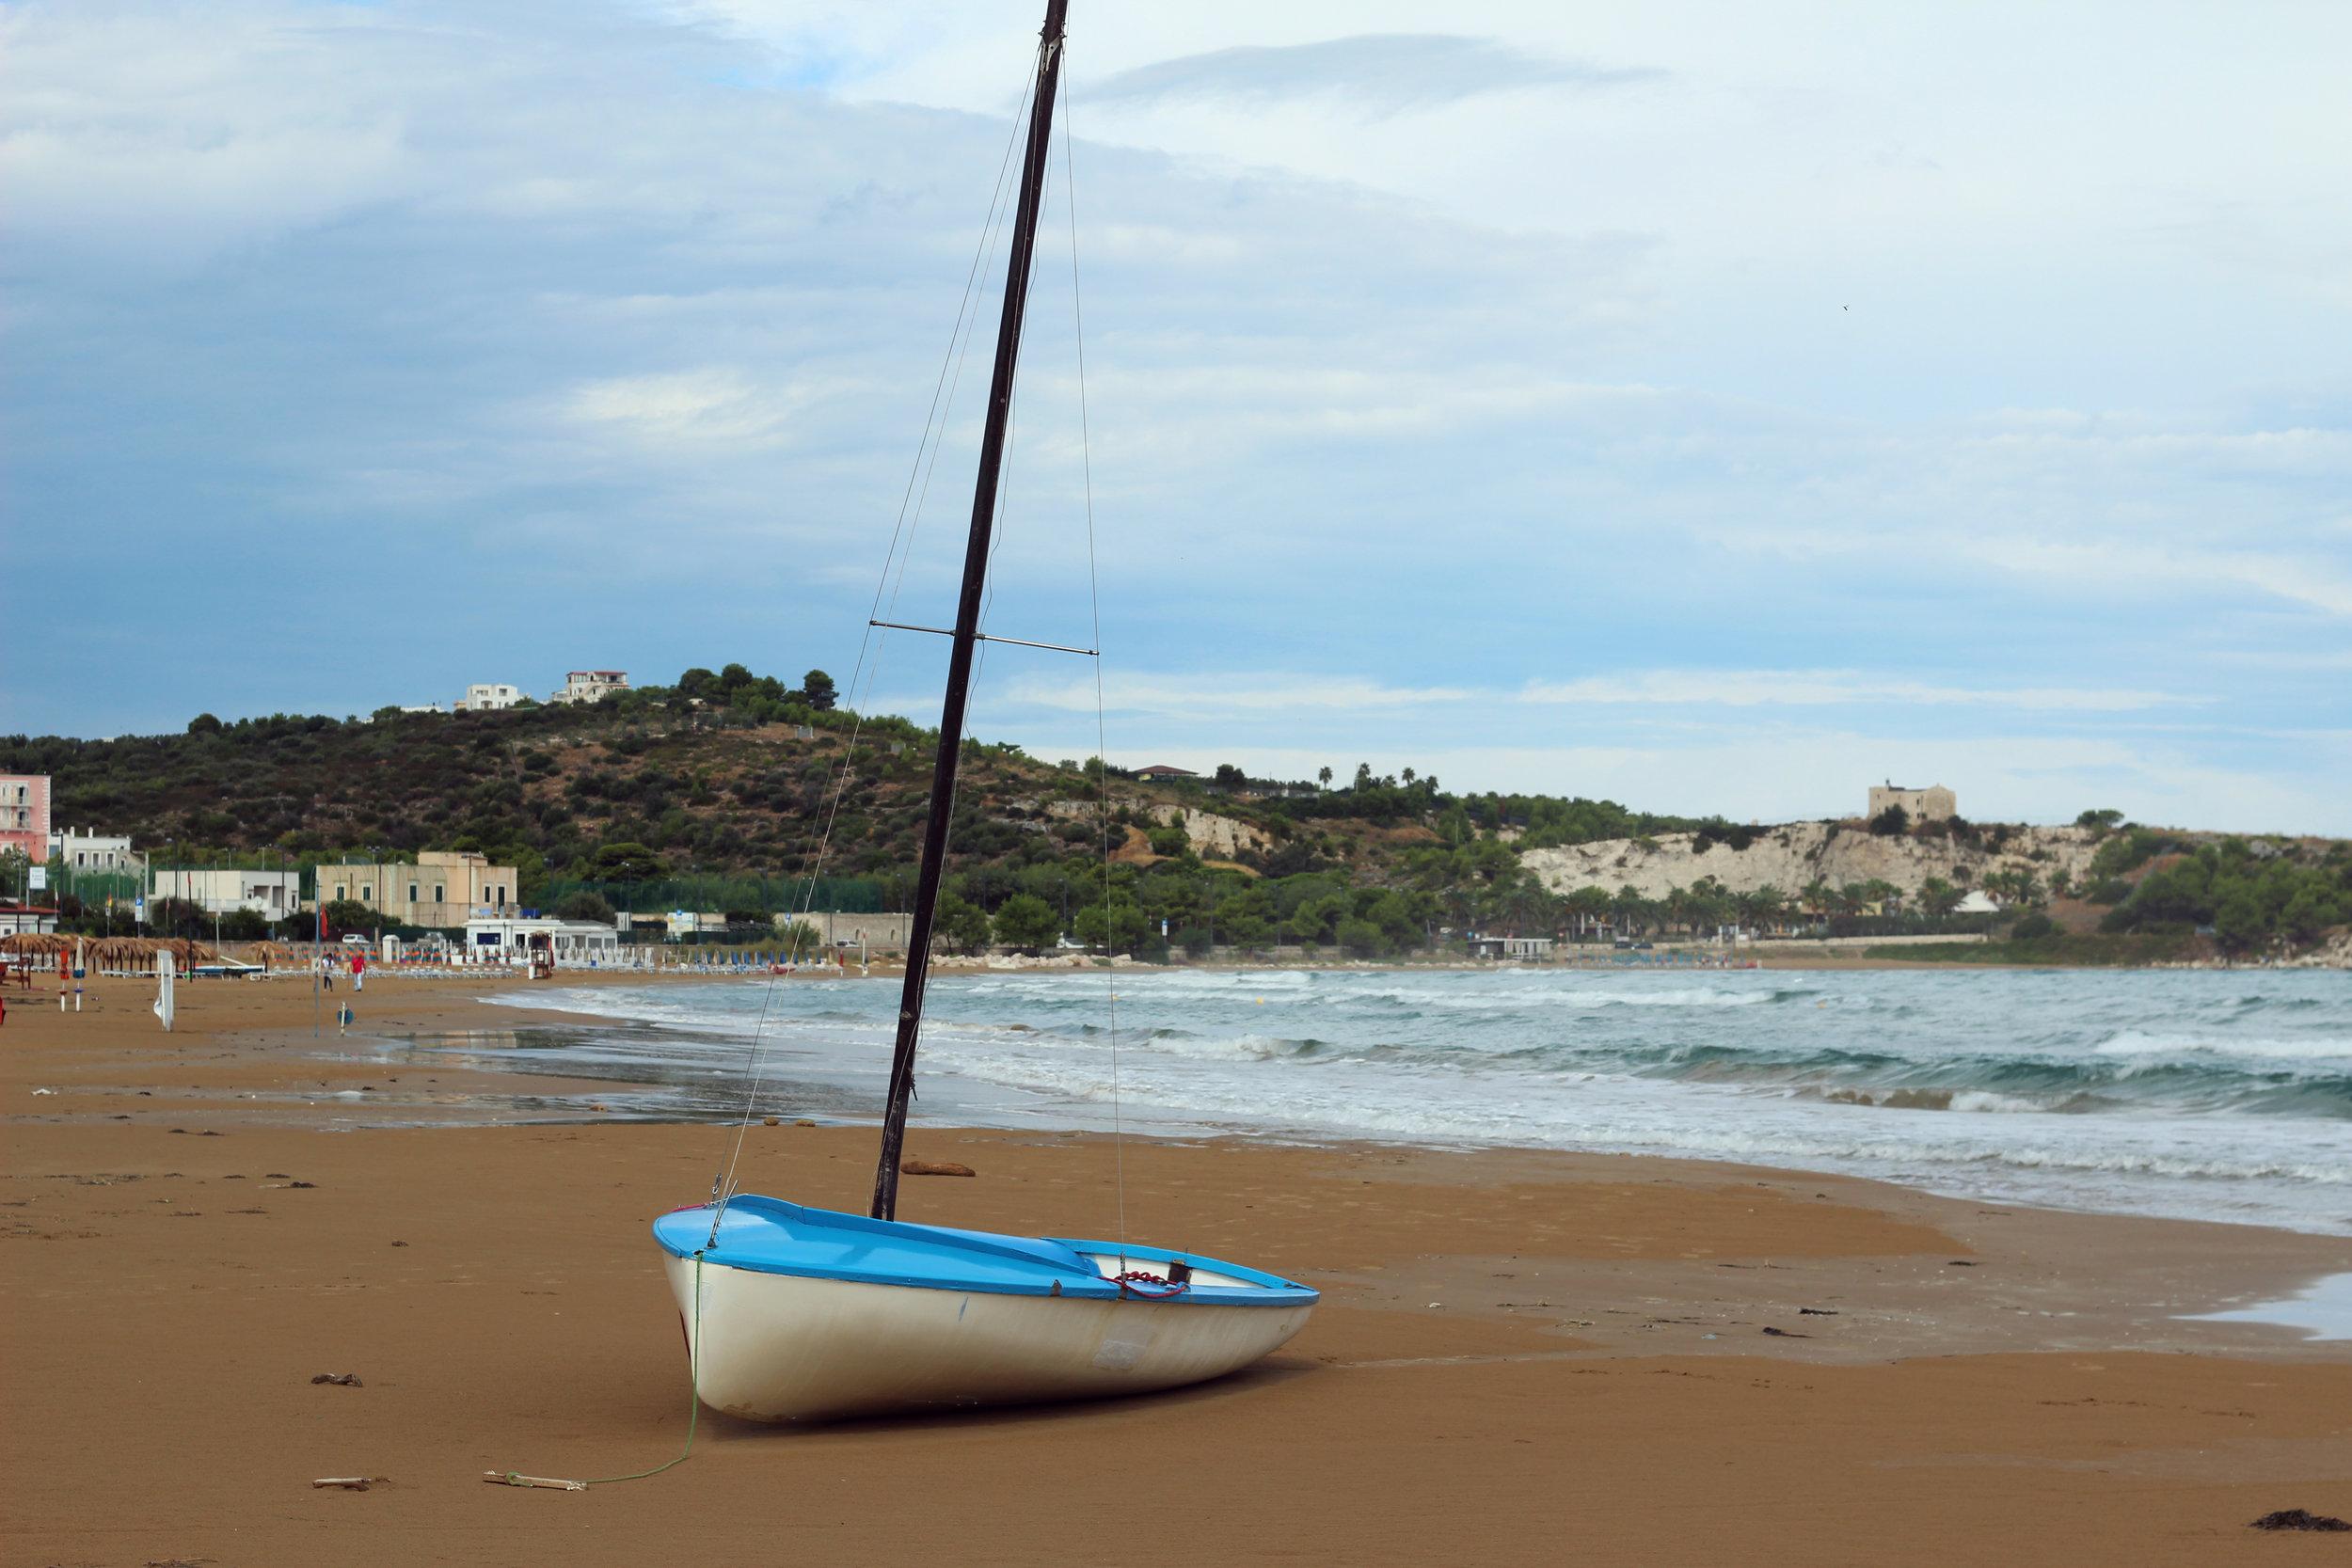 annaporter-adriatic-sea-viest-italy-italia-vacanza-mare-beach-1-Copy.jpg